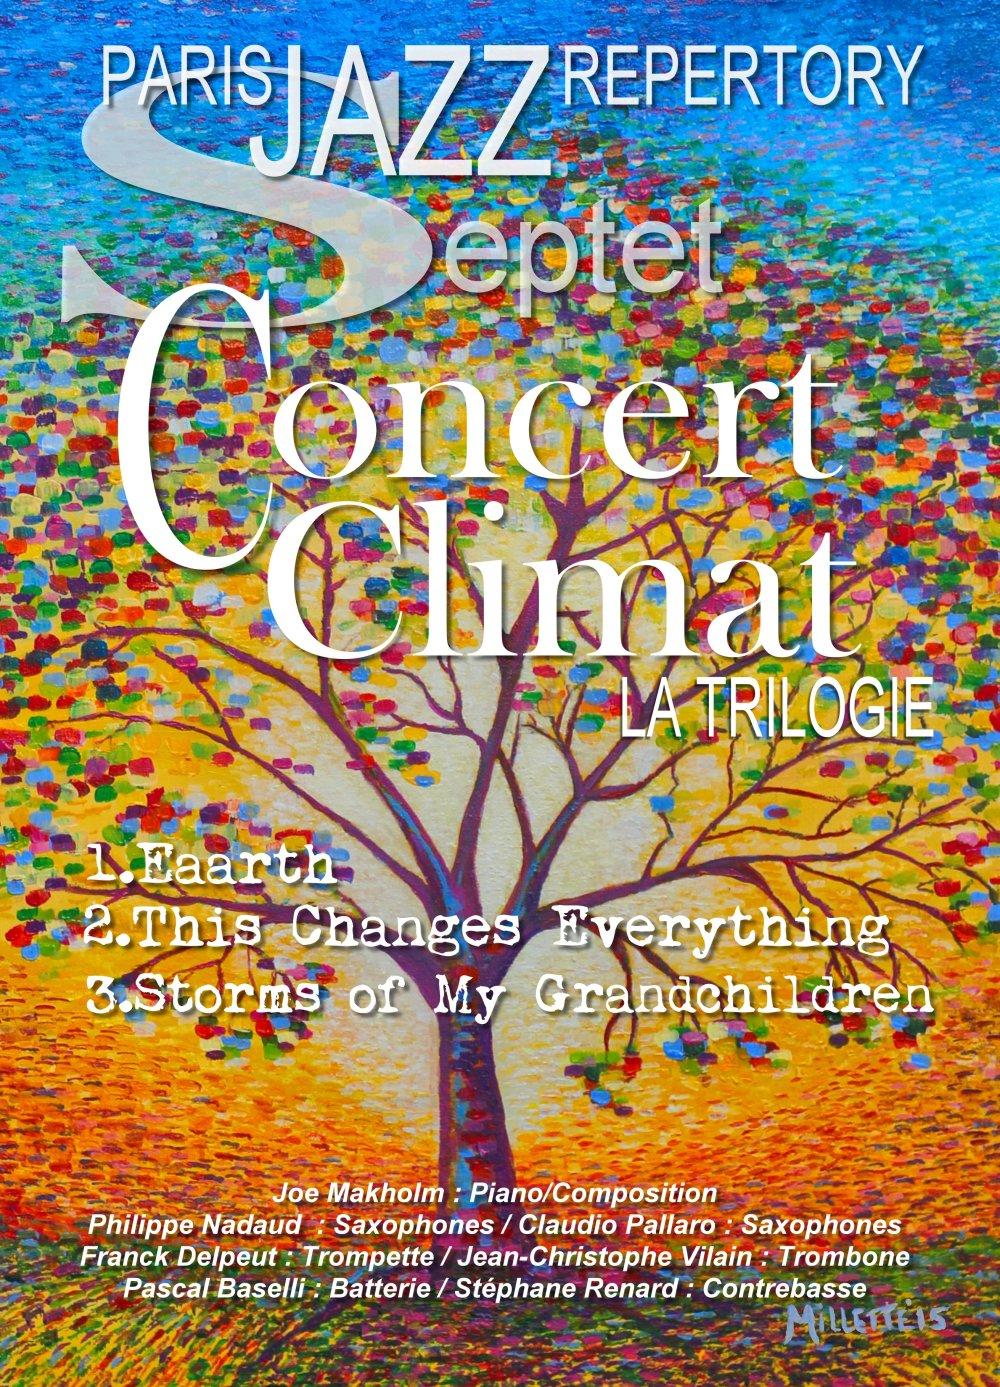 concert-climat-trilogie-1